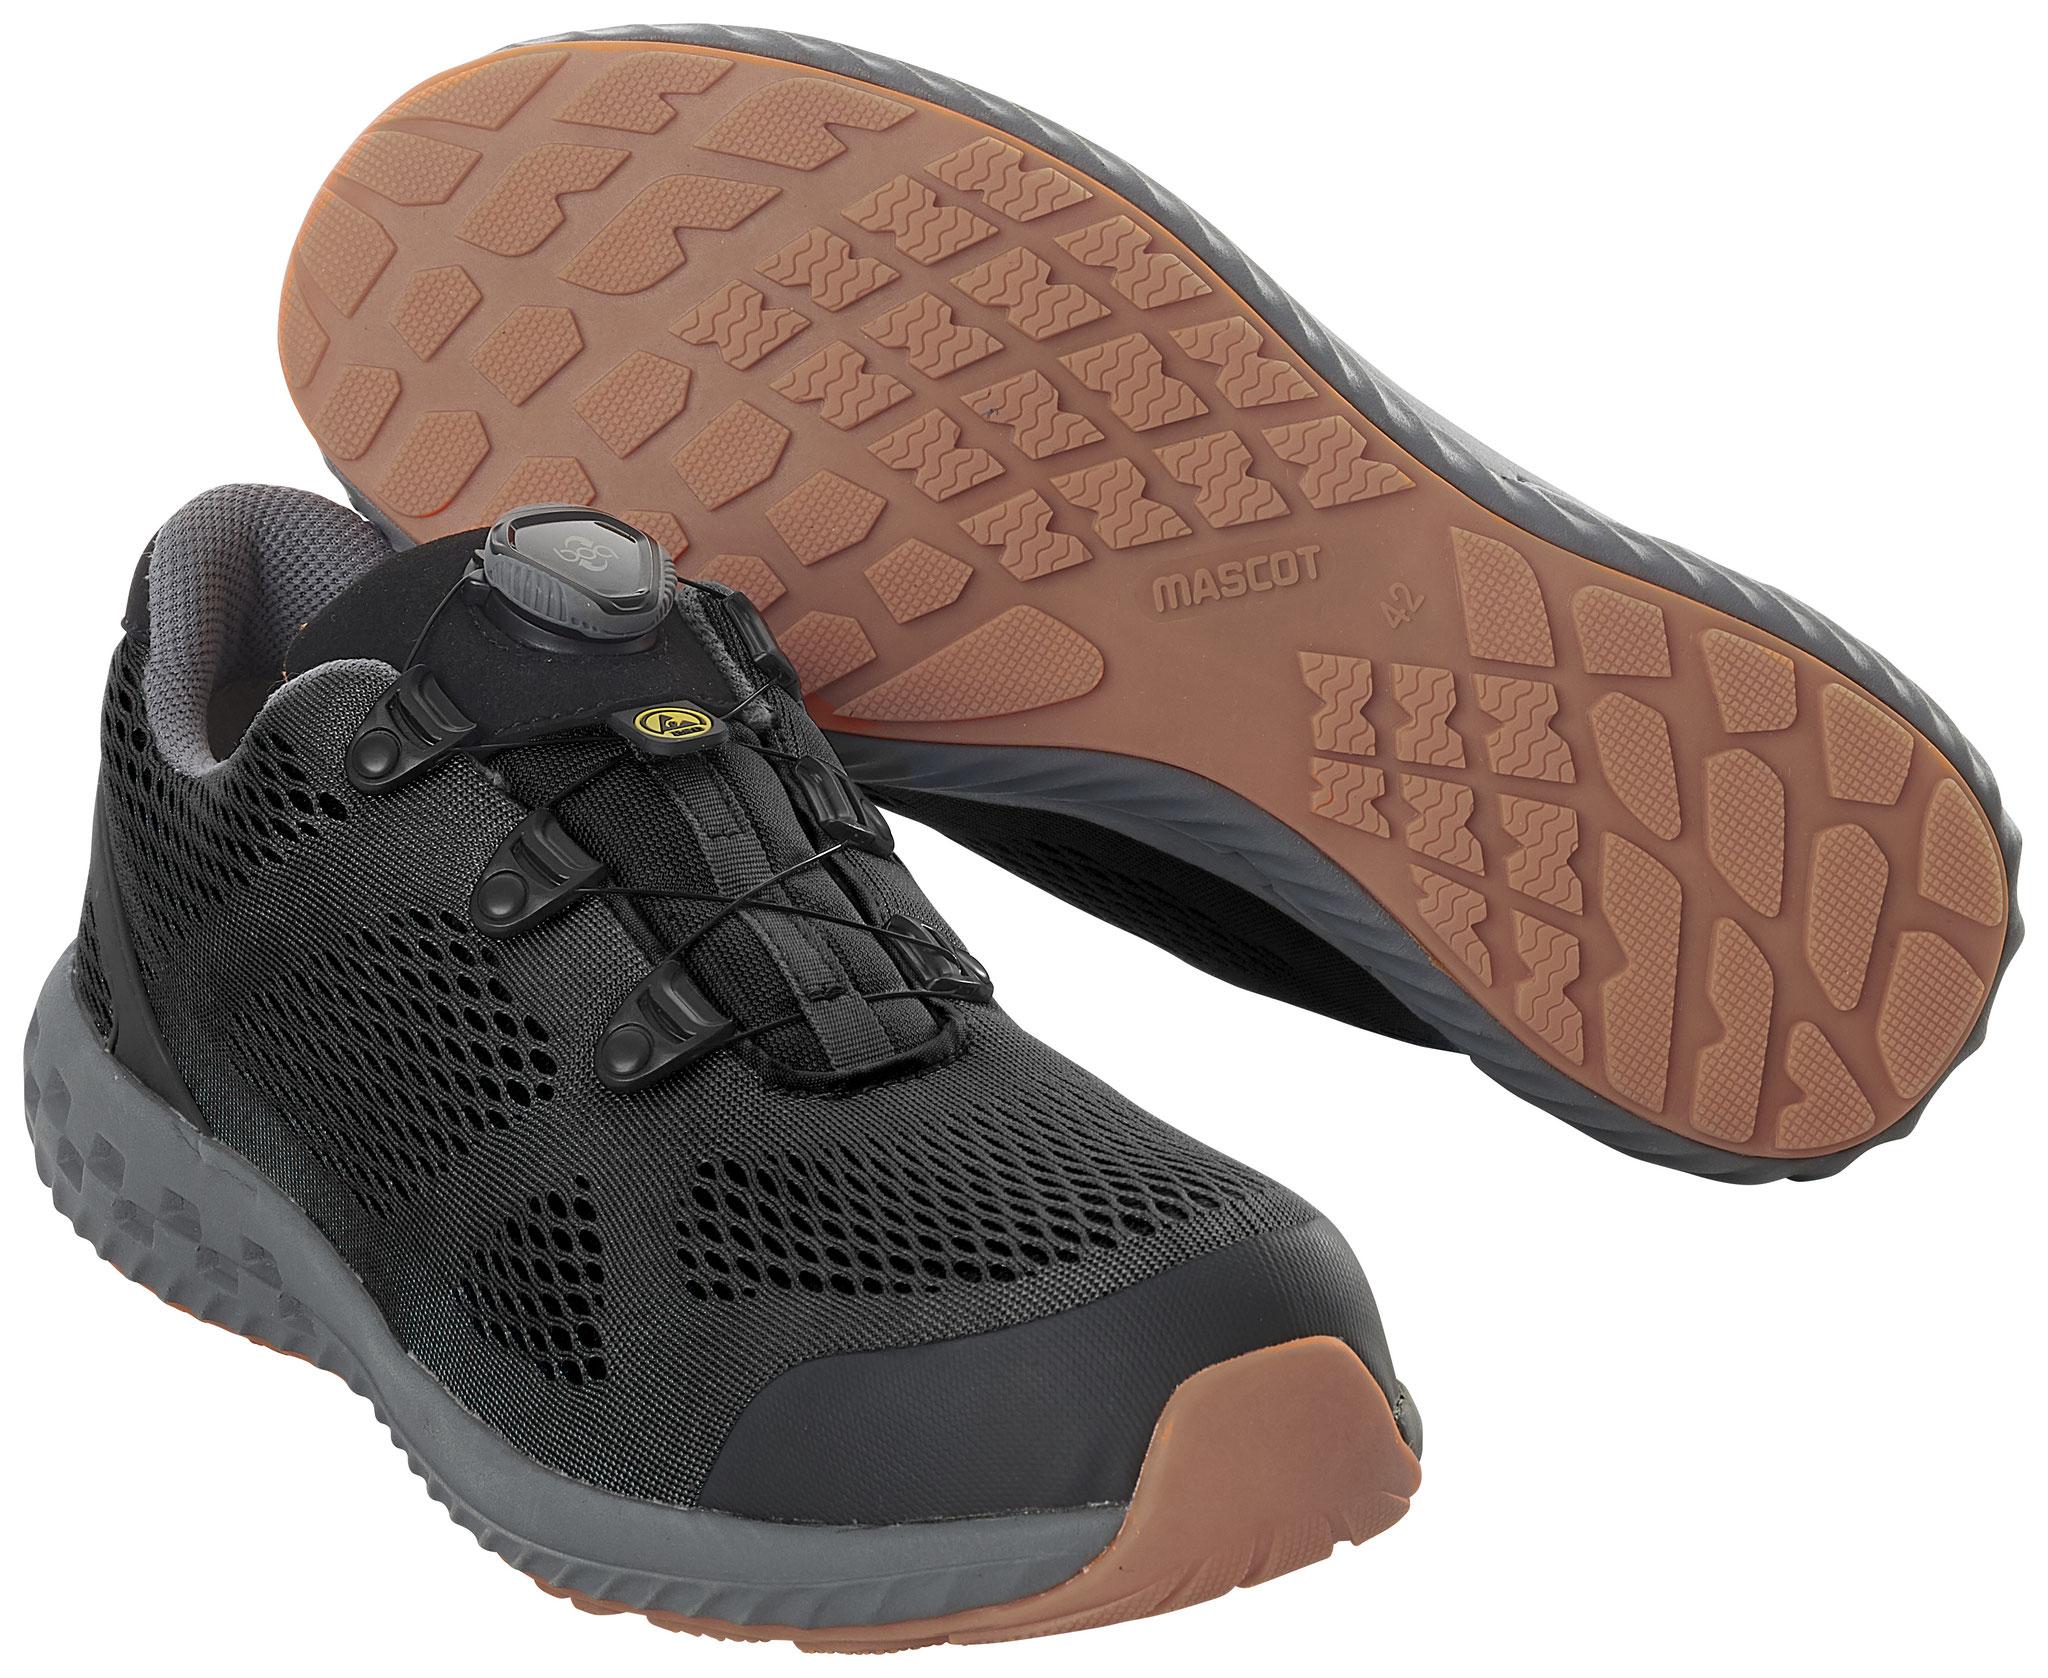 MASCOT Footwear Move - F0300-909